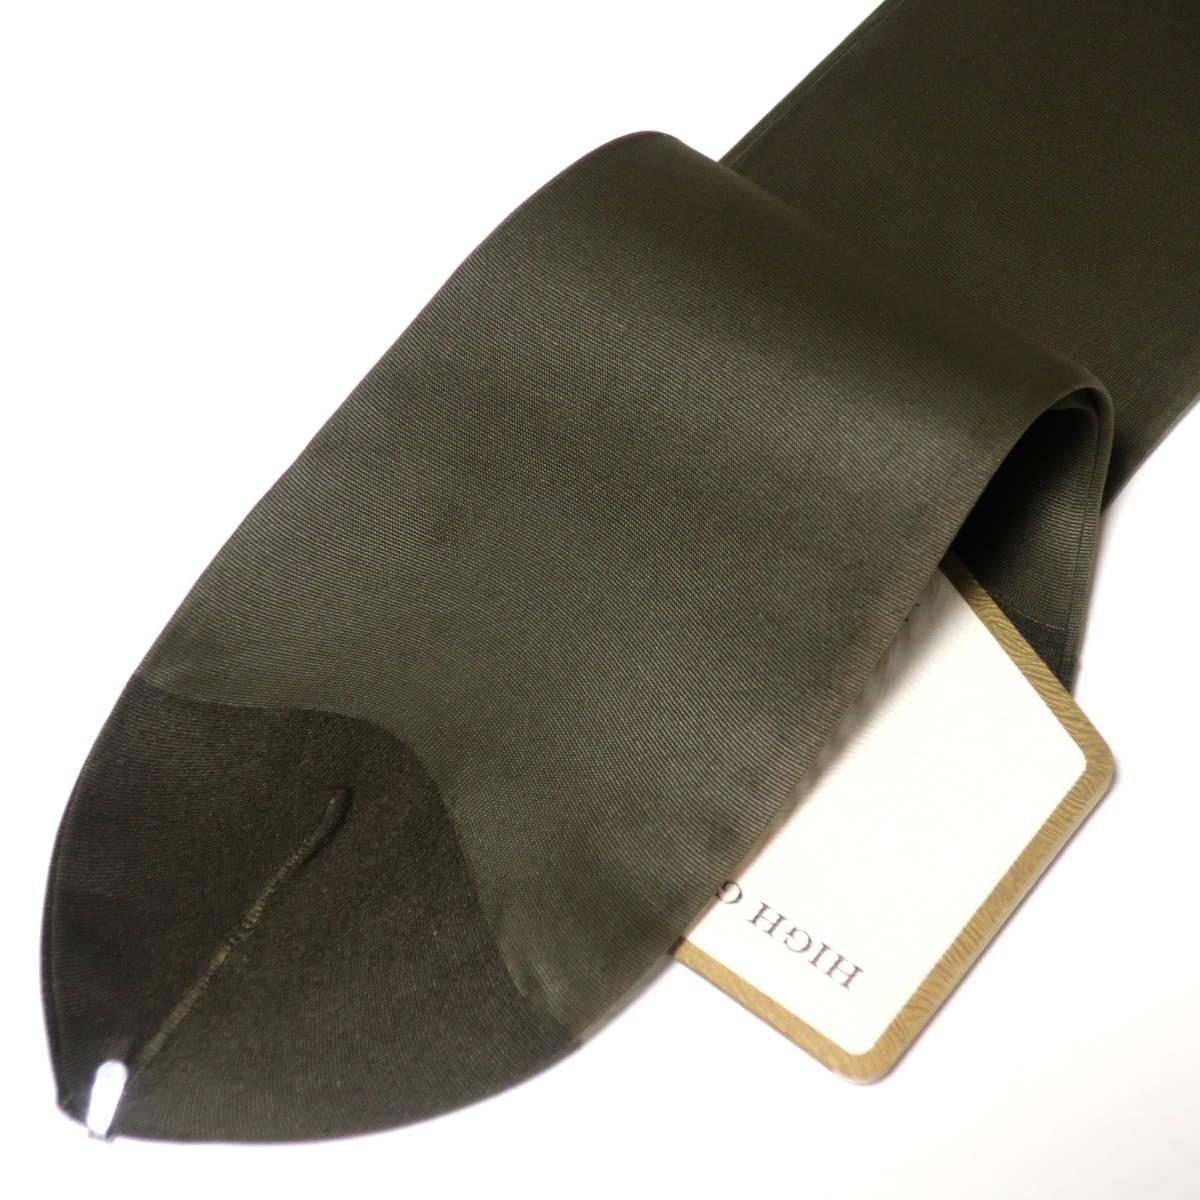 茶色 ナイロン 100% 靴下 4足 25cm 紳士 男性 メンズ ハイソックス ブラウン シースルー 薄手 ハイゲージ ストッキング まとめて 夏物_画像4